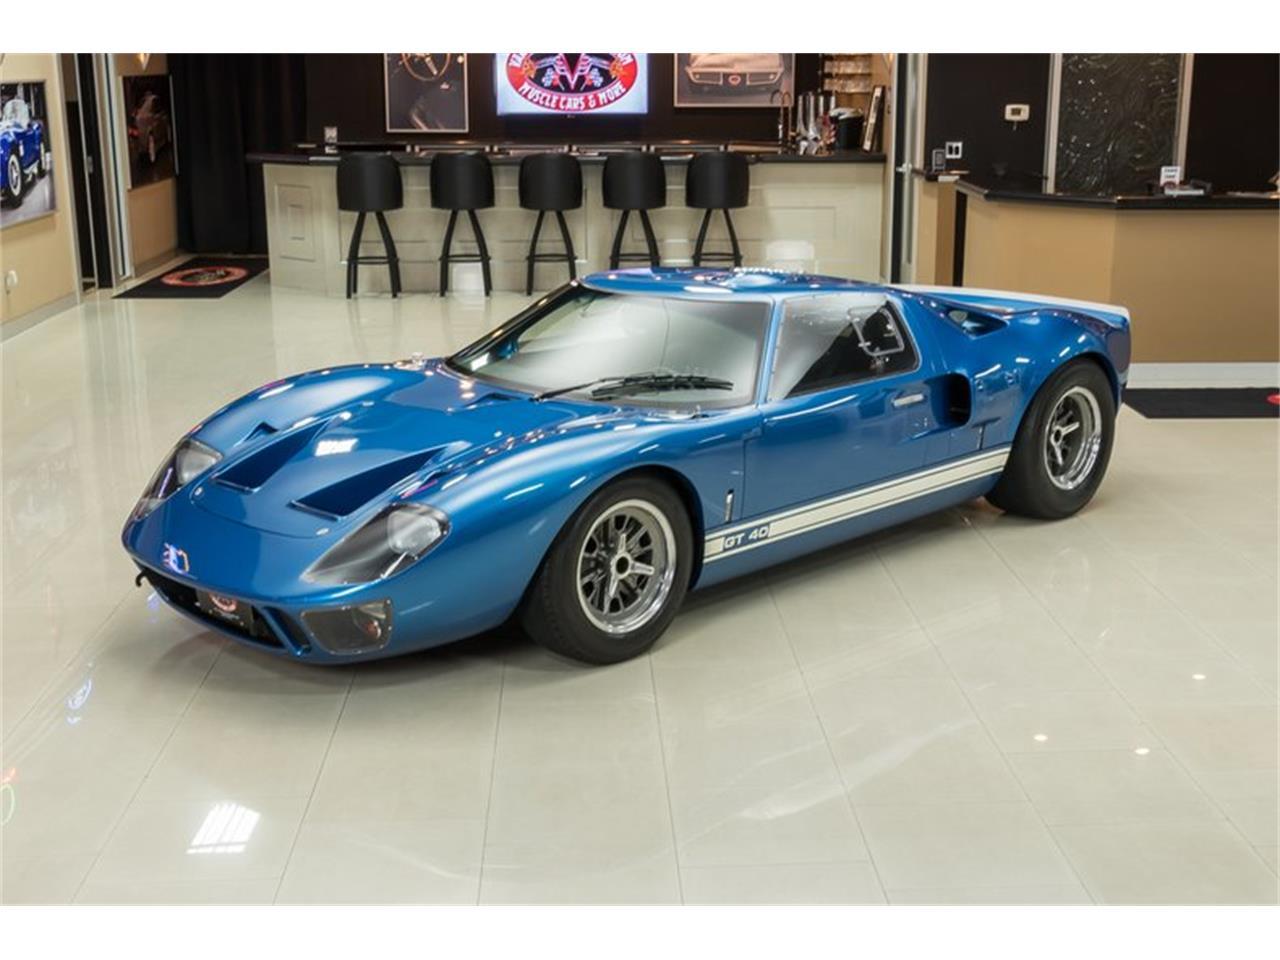 Superformance Gt40 - Detroit Auto Show